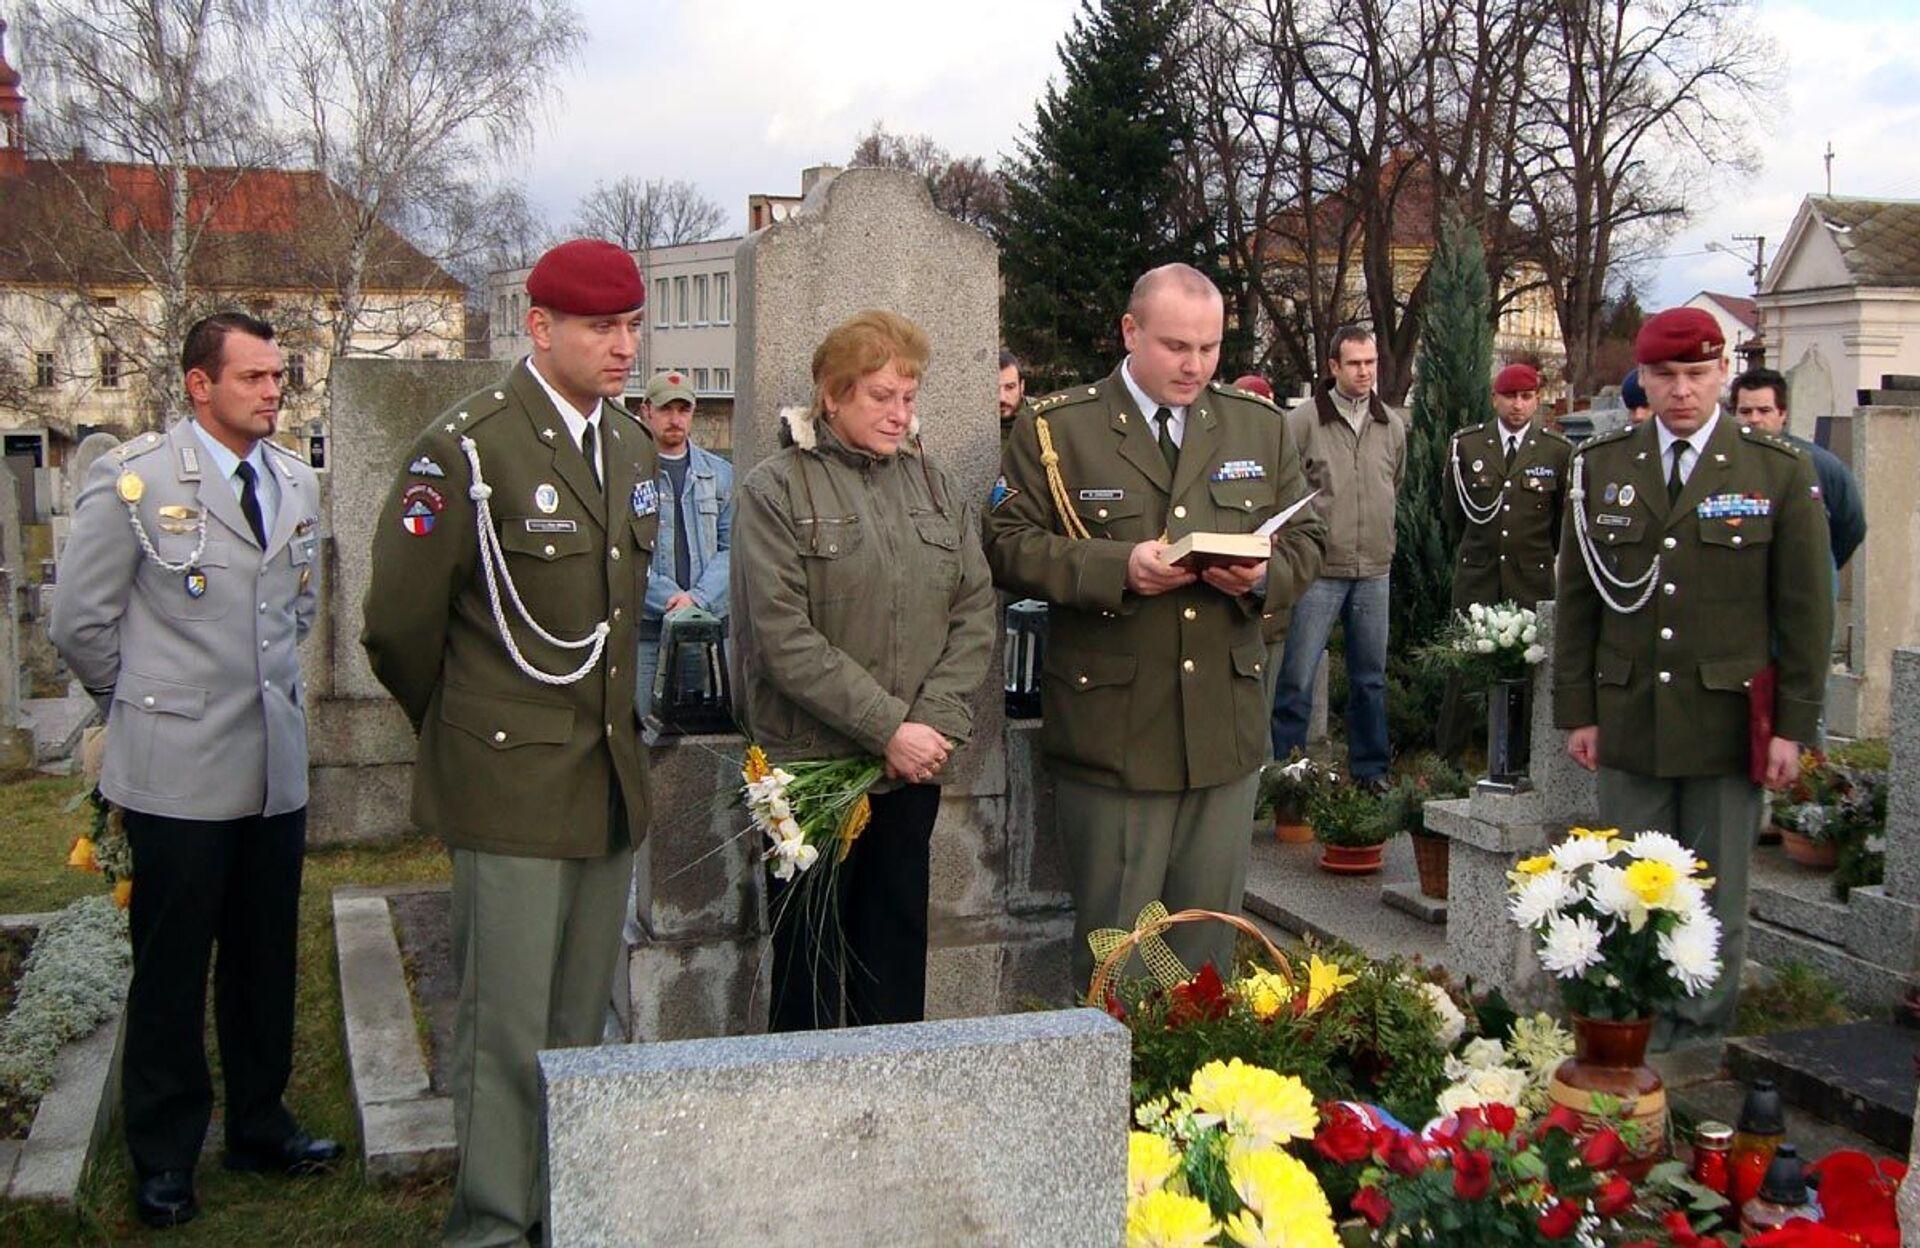 Maminka a přátelé Nikolaje Martynova u jeho hrobu na hřbitově ve Stenovicích u Plzně, 2008  - Sputnik Česká republika, 1920, 24.09.2021